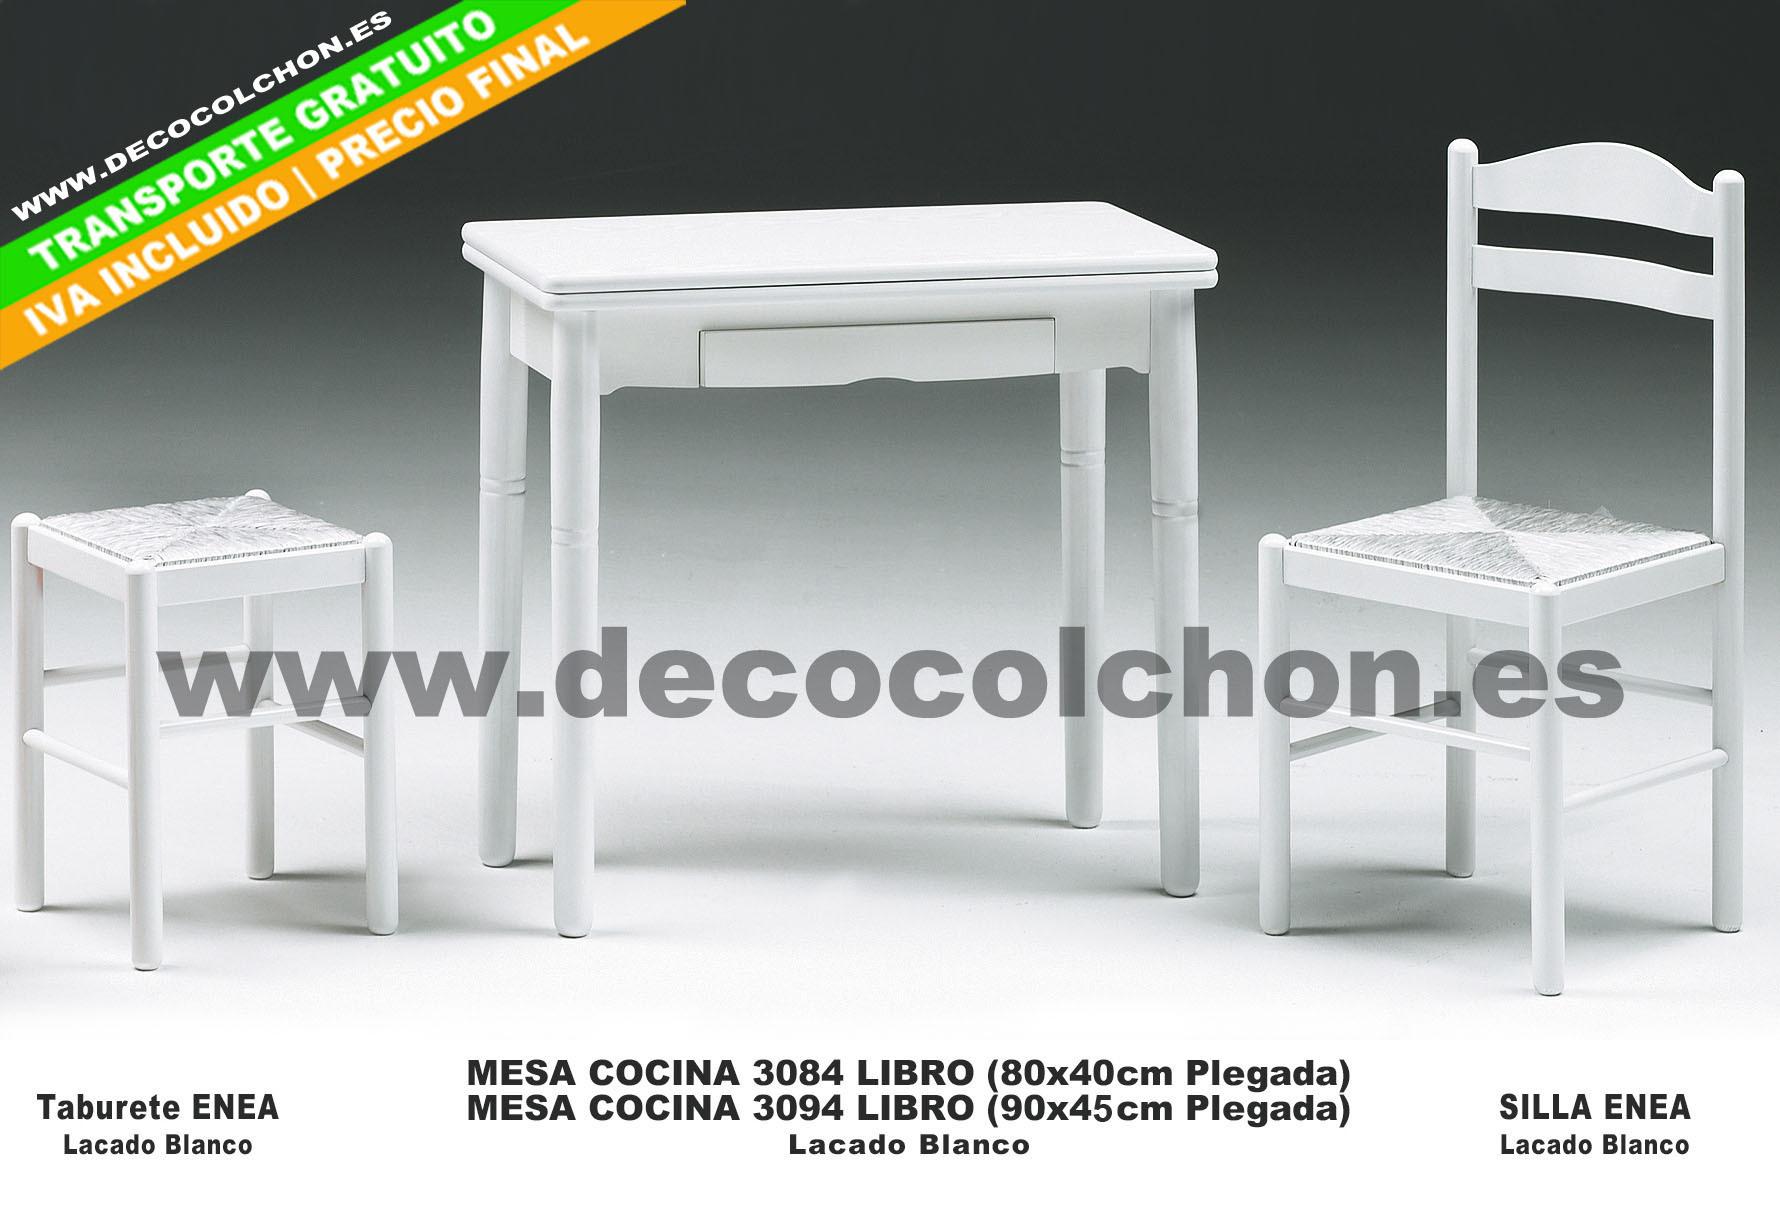 MESA COCINA 3084   Decora Descans Complementos. Mueble, hogar